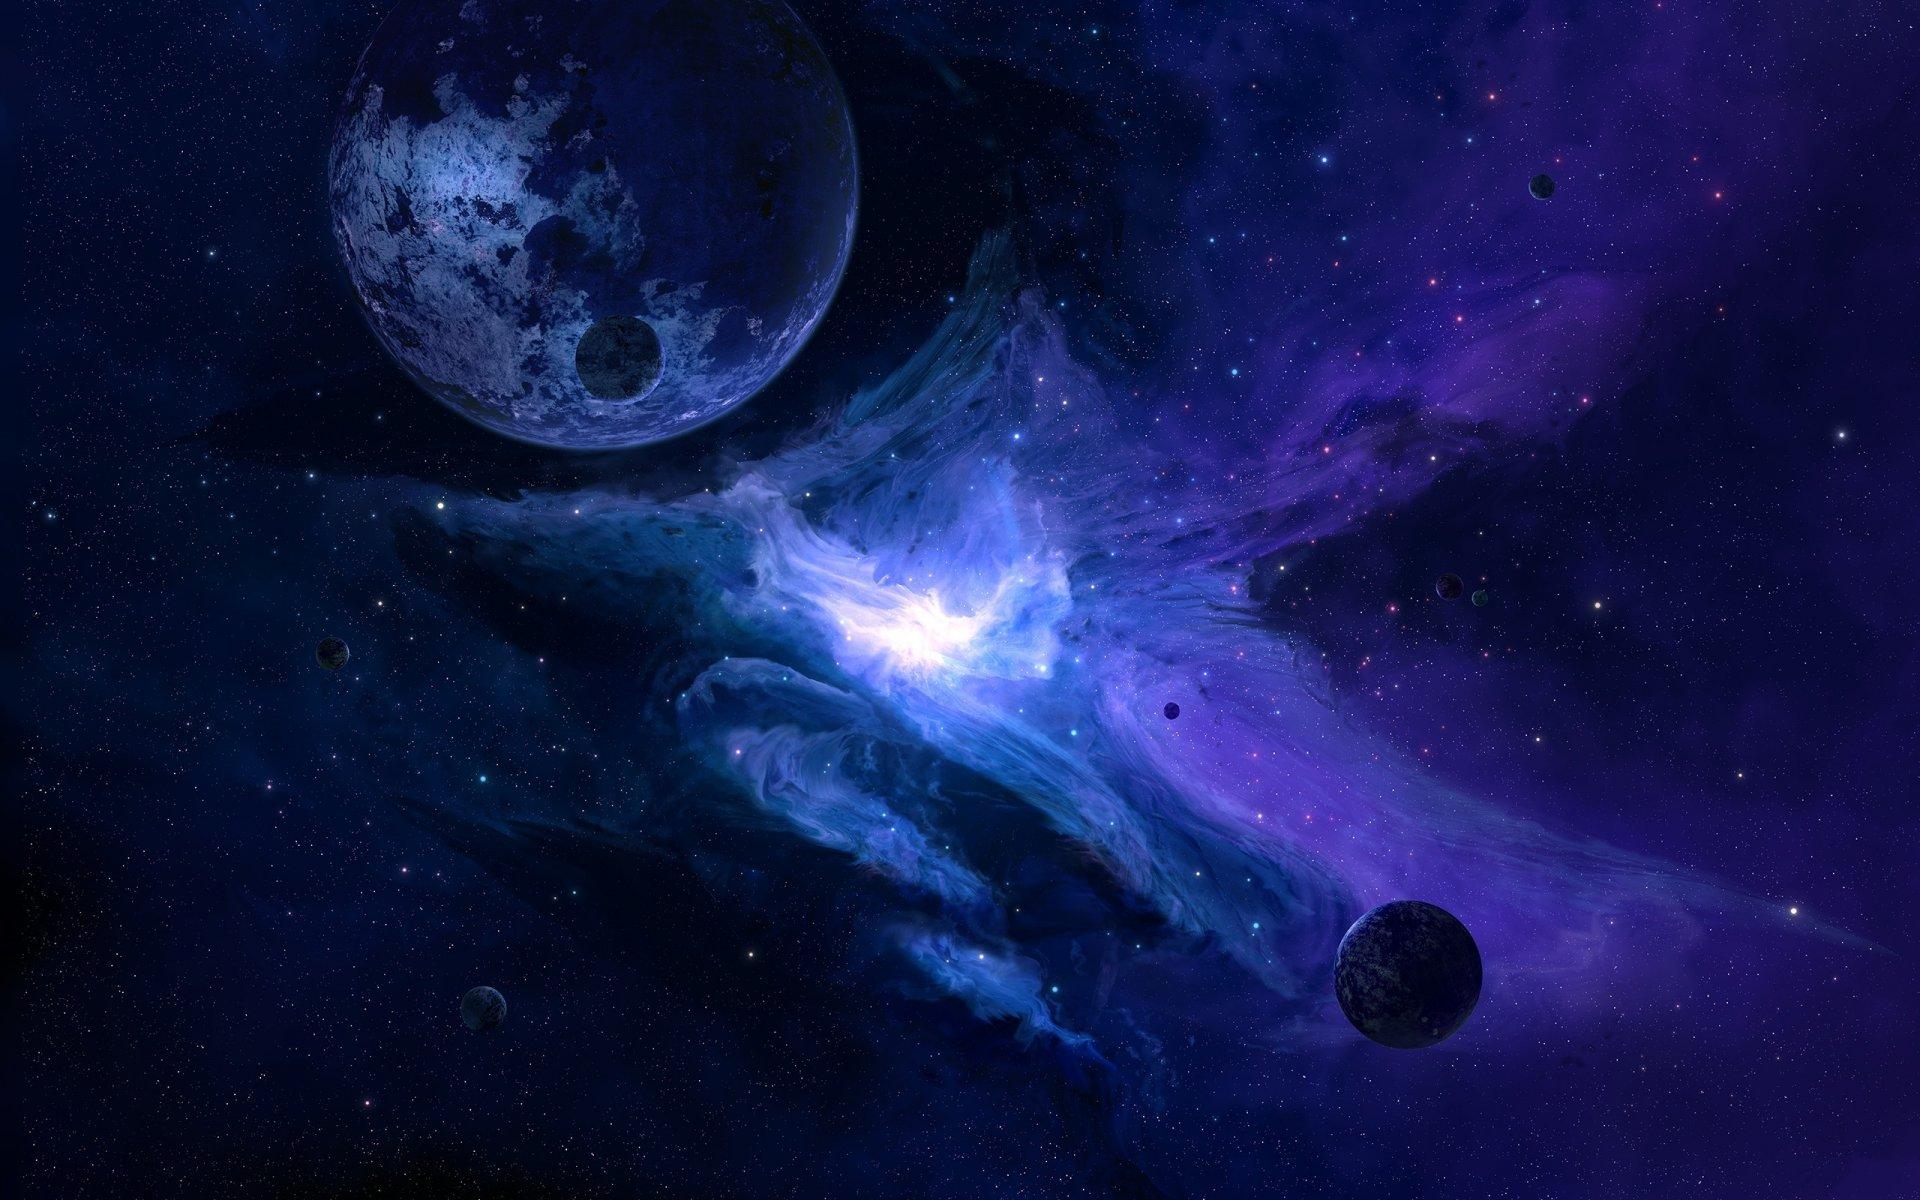 Обои Бездна, пустота, планеты, туманность. Космос foto 15